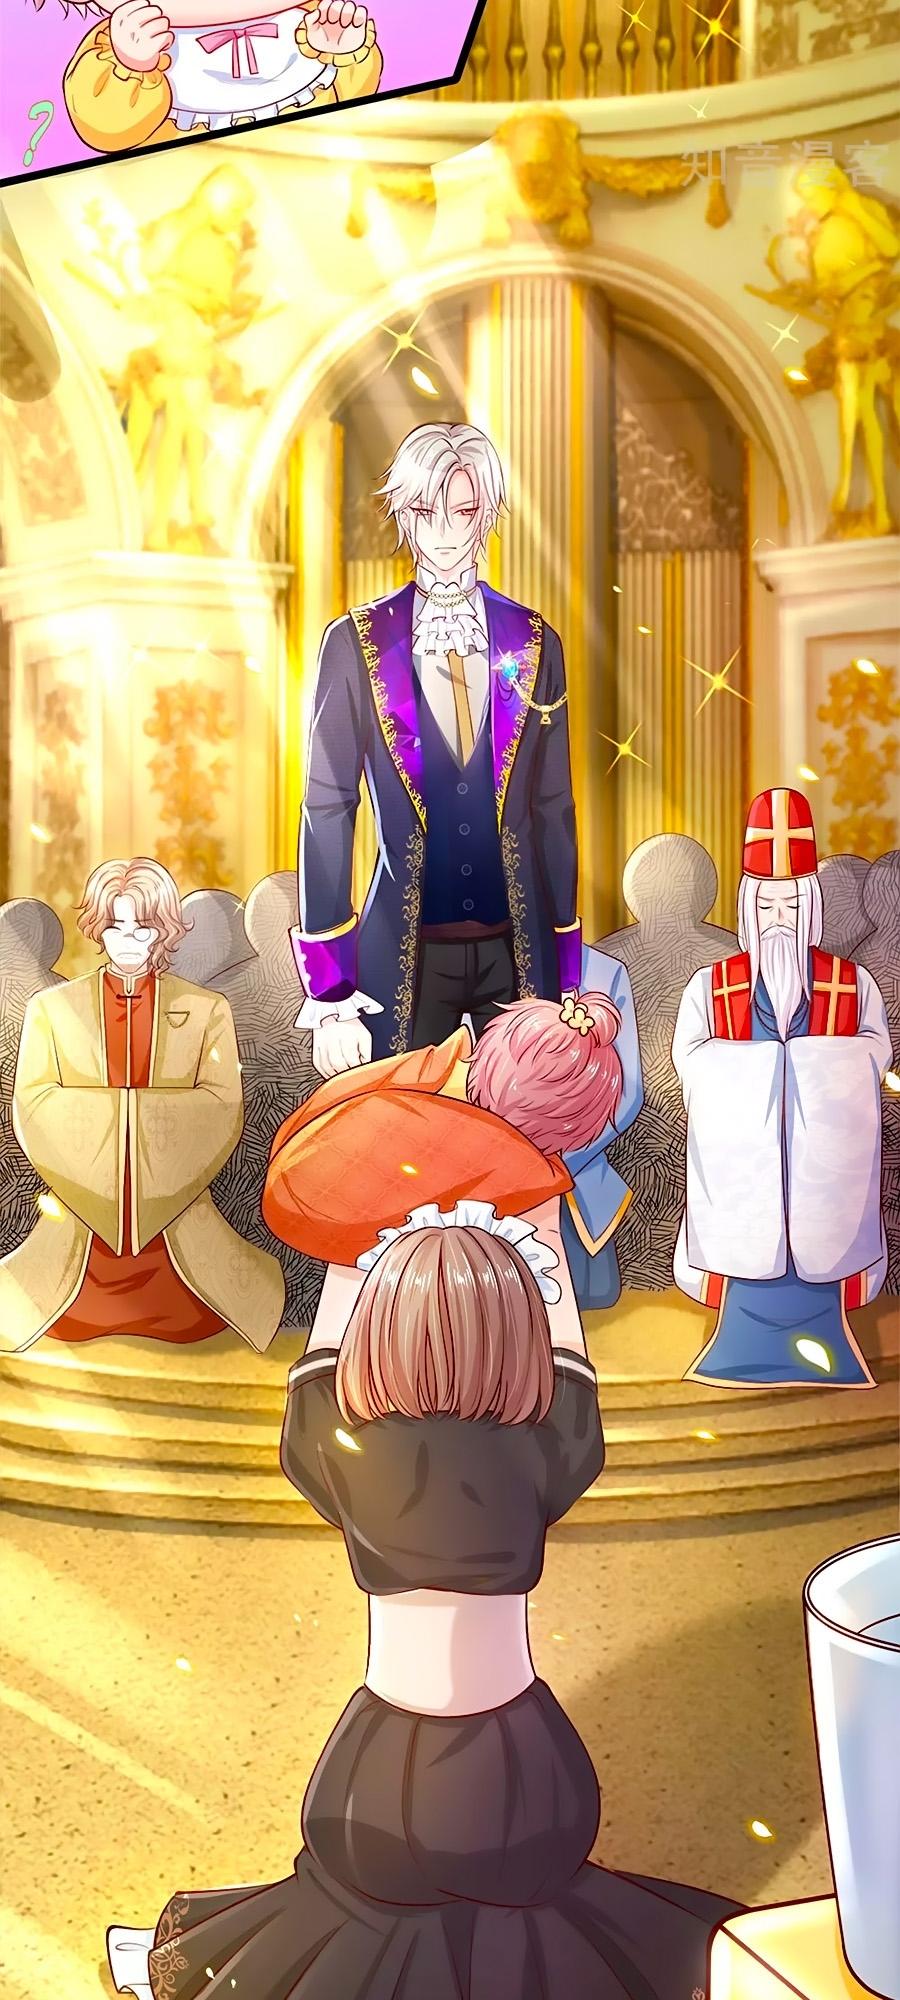 Hoàng Đế Bệ Hạ Đích Thiên Giới Bảo Bối chap 1 - Trang 8